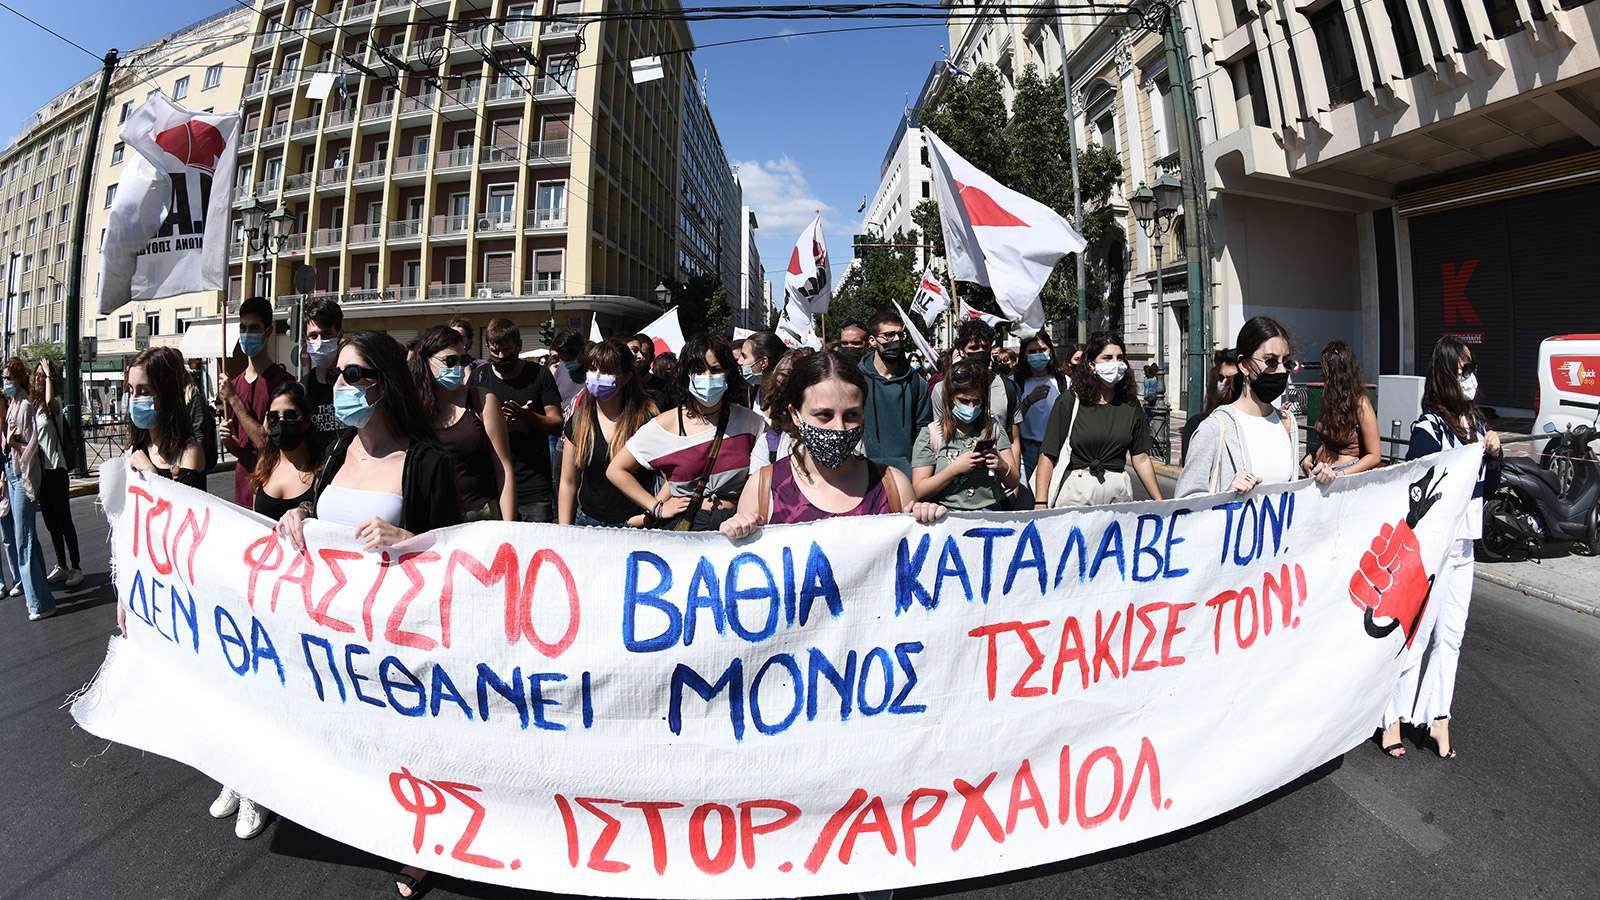 Σύλλογοι Αθήνας Δυναμική κινητοποίηση για ασφαλείς σχολές ενάντια στο φασισμό 1